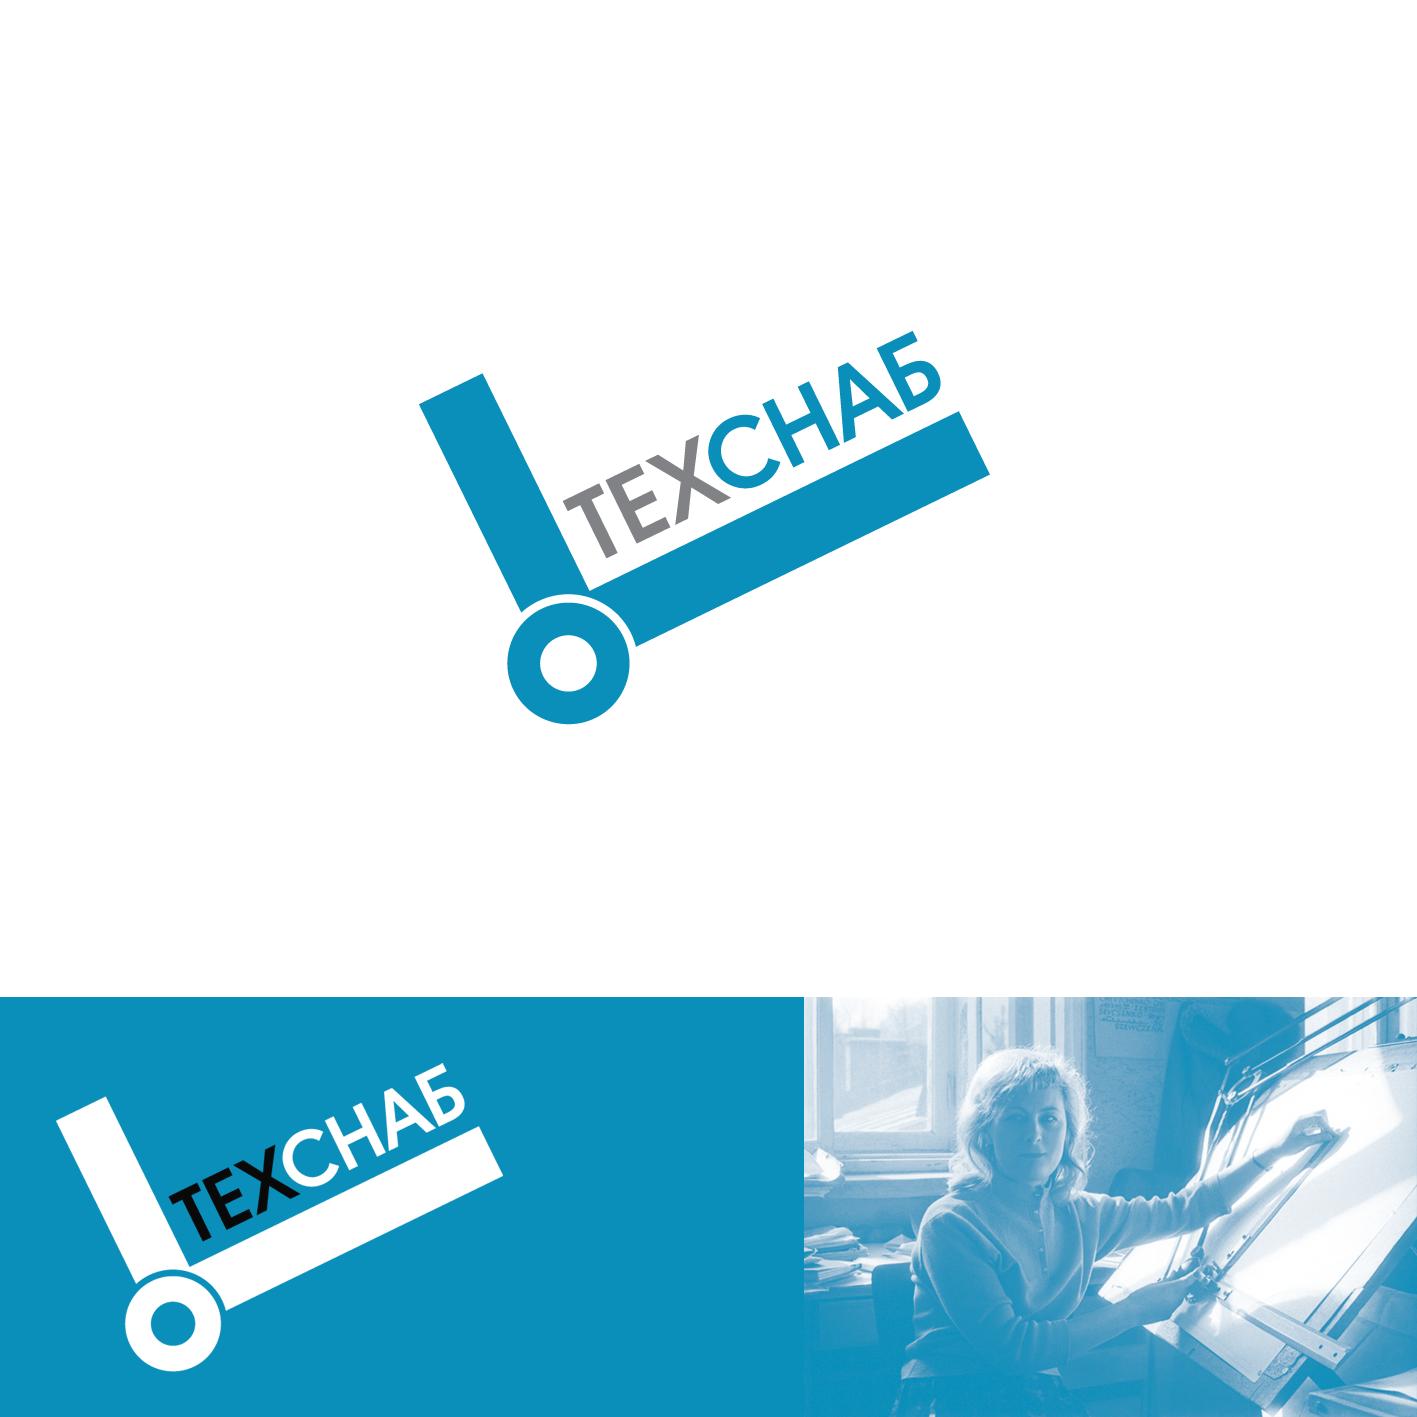 Разработка логотипа и фирм. стиля компании  ТЕХСНАБ фото f_2285b1e4028e48a8.png